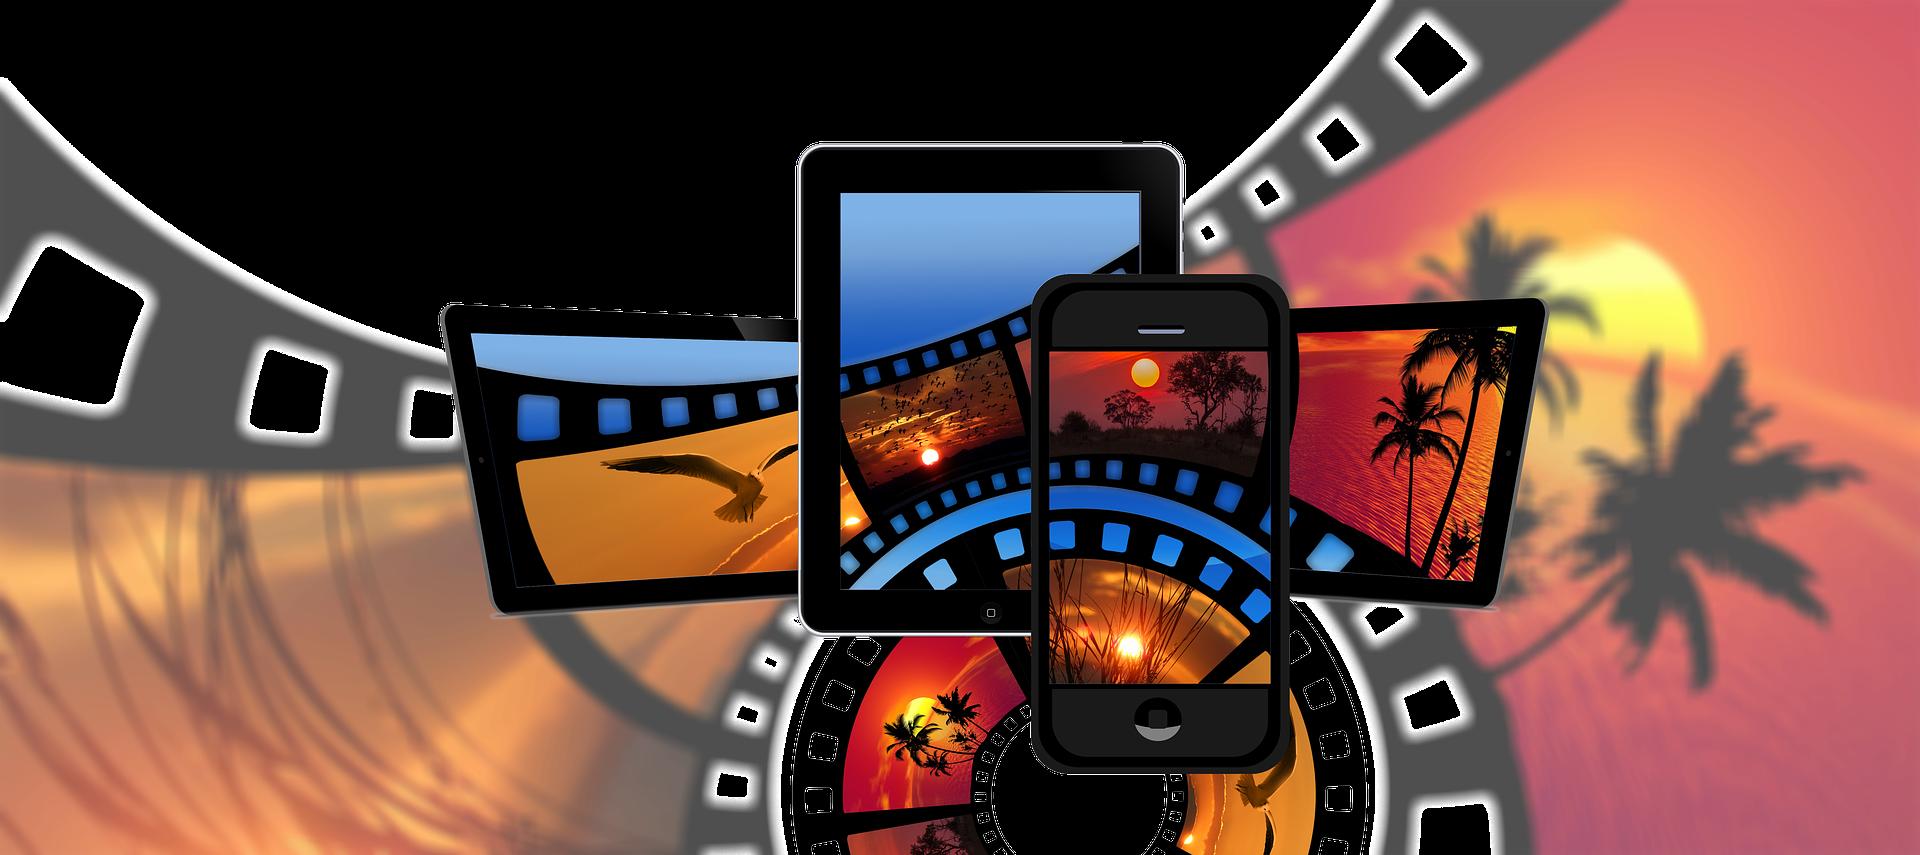 Kaip kurti greituosius vaizdo įrašus? Kaip kurti turinį internetui? – seminaras rugsėjo 27–28 d.